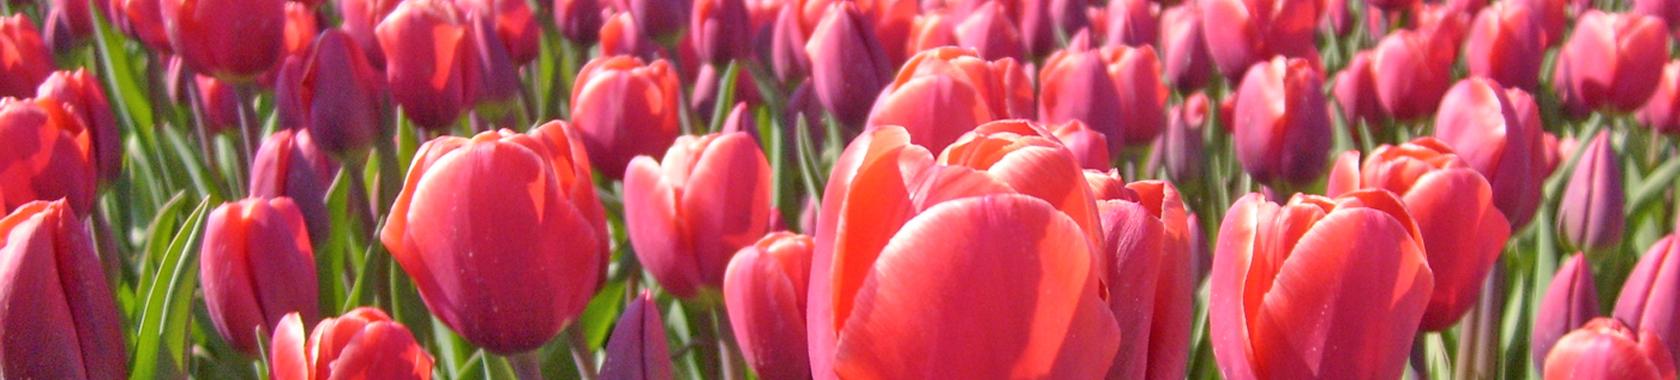 Teas at Two: Tulipimania